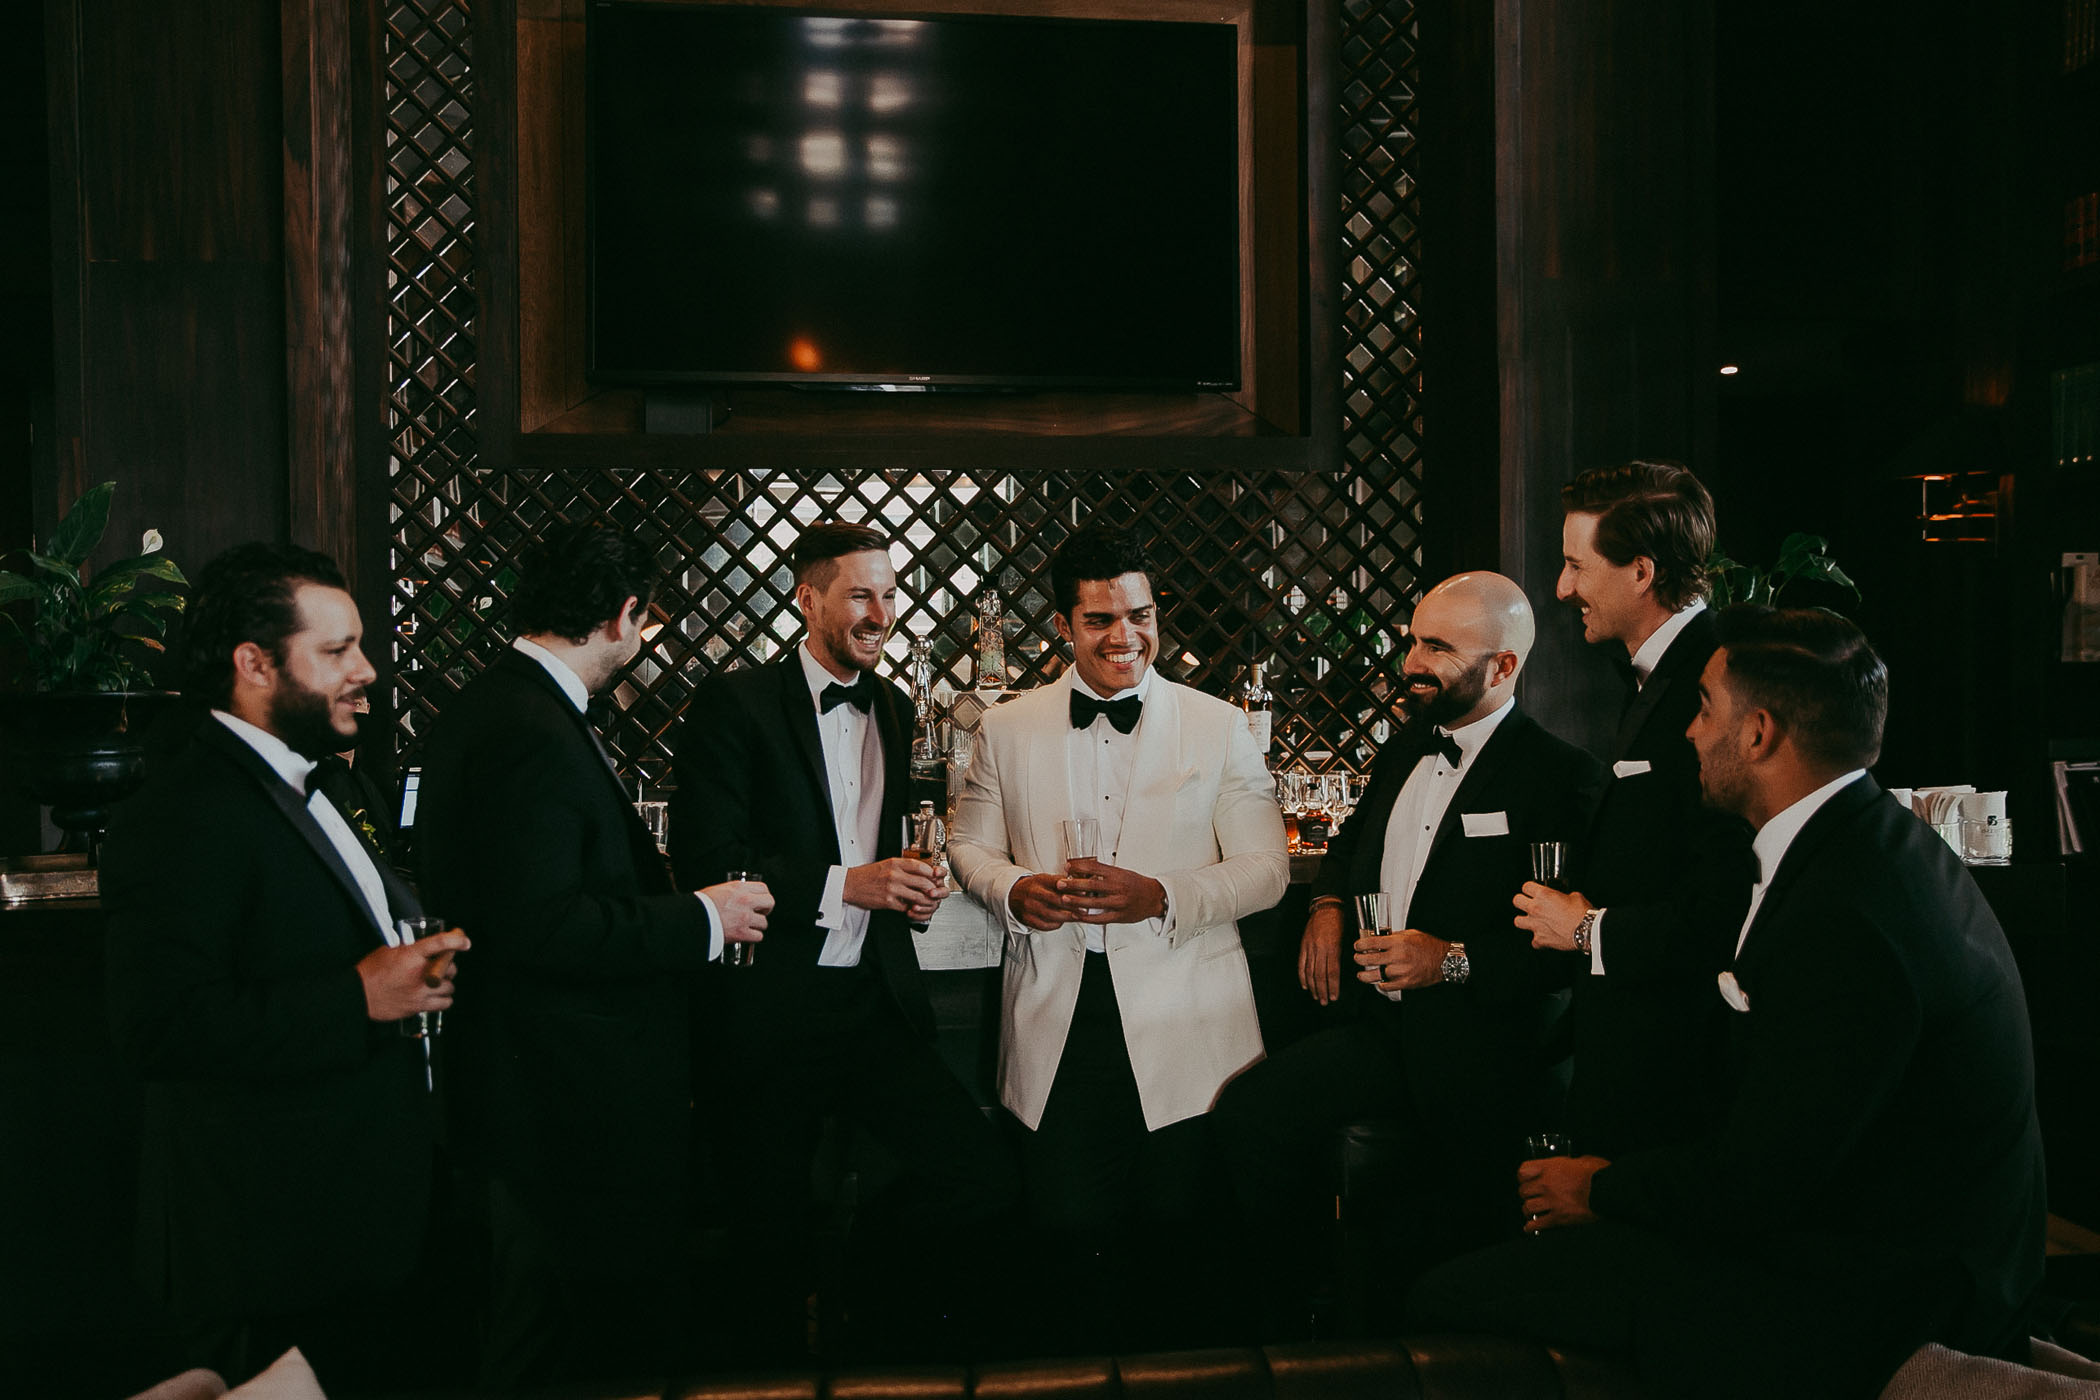 White groom's tuxedo